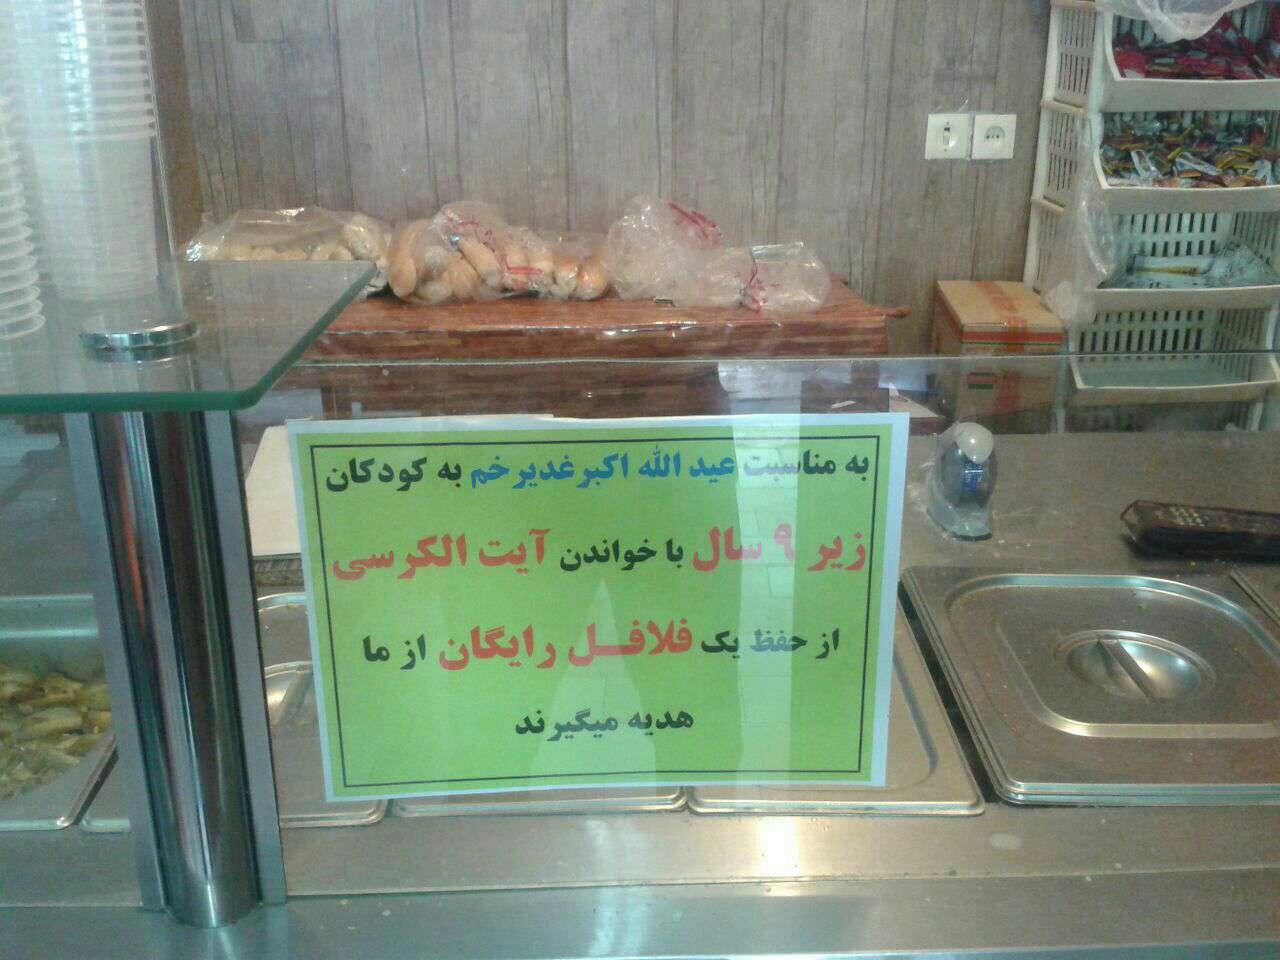 هدیه یک فلافل فروشی به کودکان زیر 9 سال/ مبارکه اصفهان